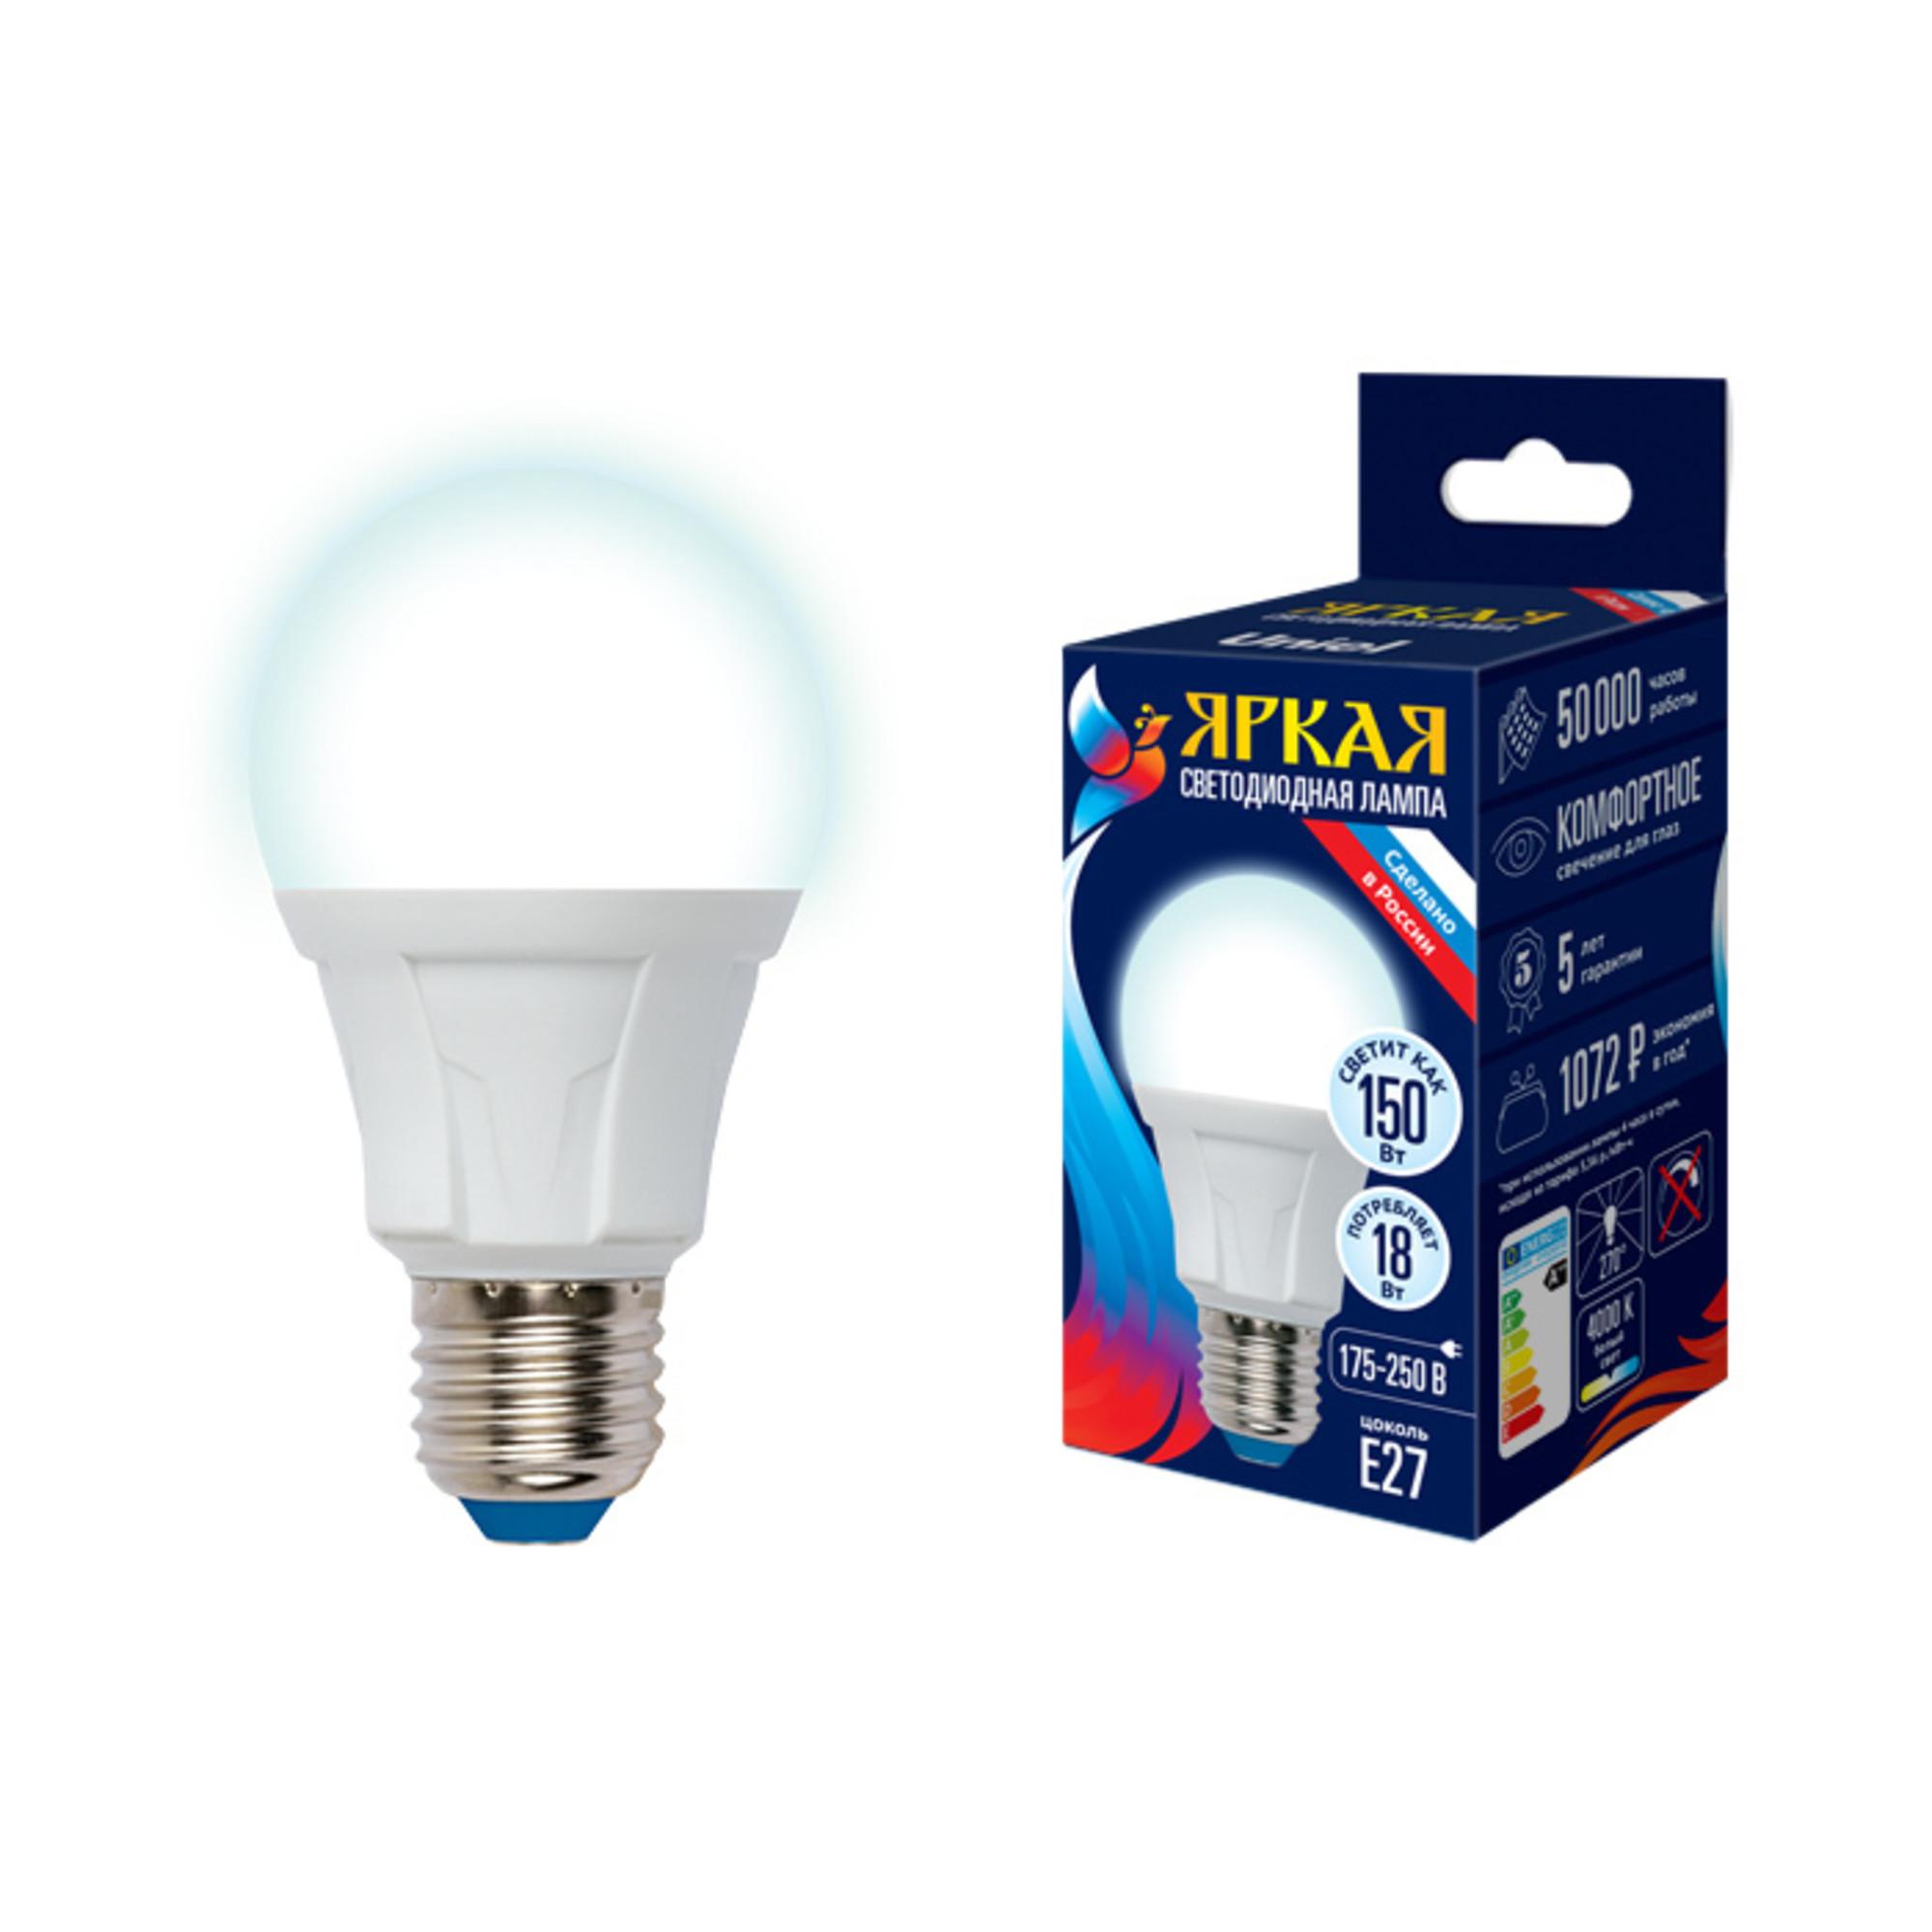 Лампа светодиодная E27 18 Вт груша матовая 1450 лм холодный белый свет